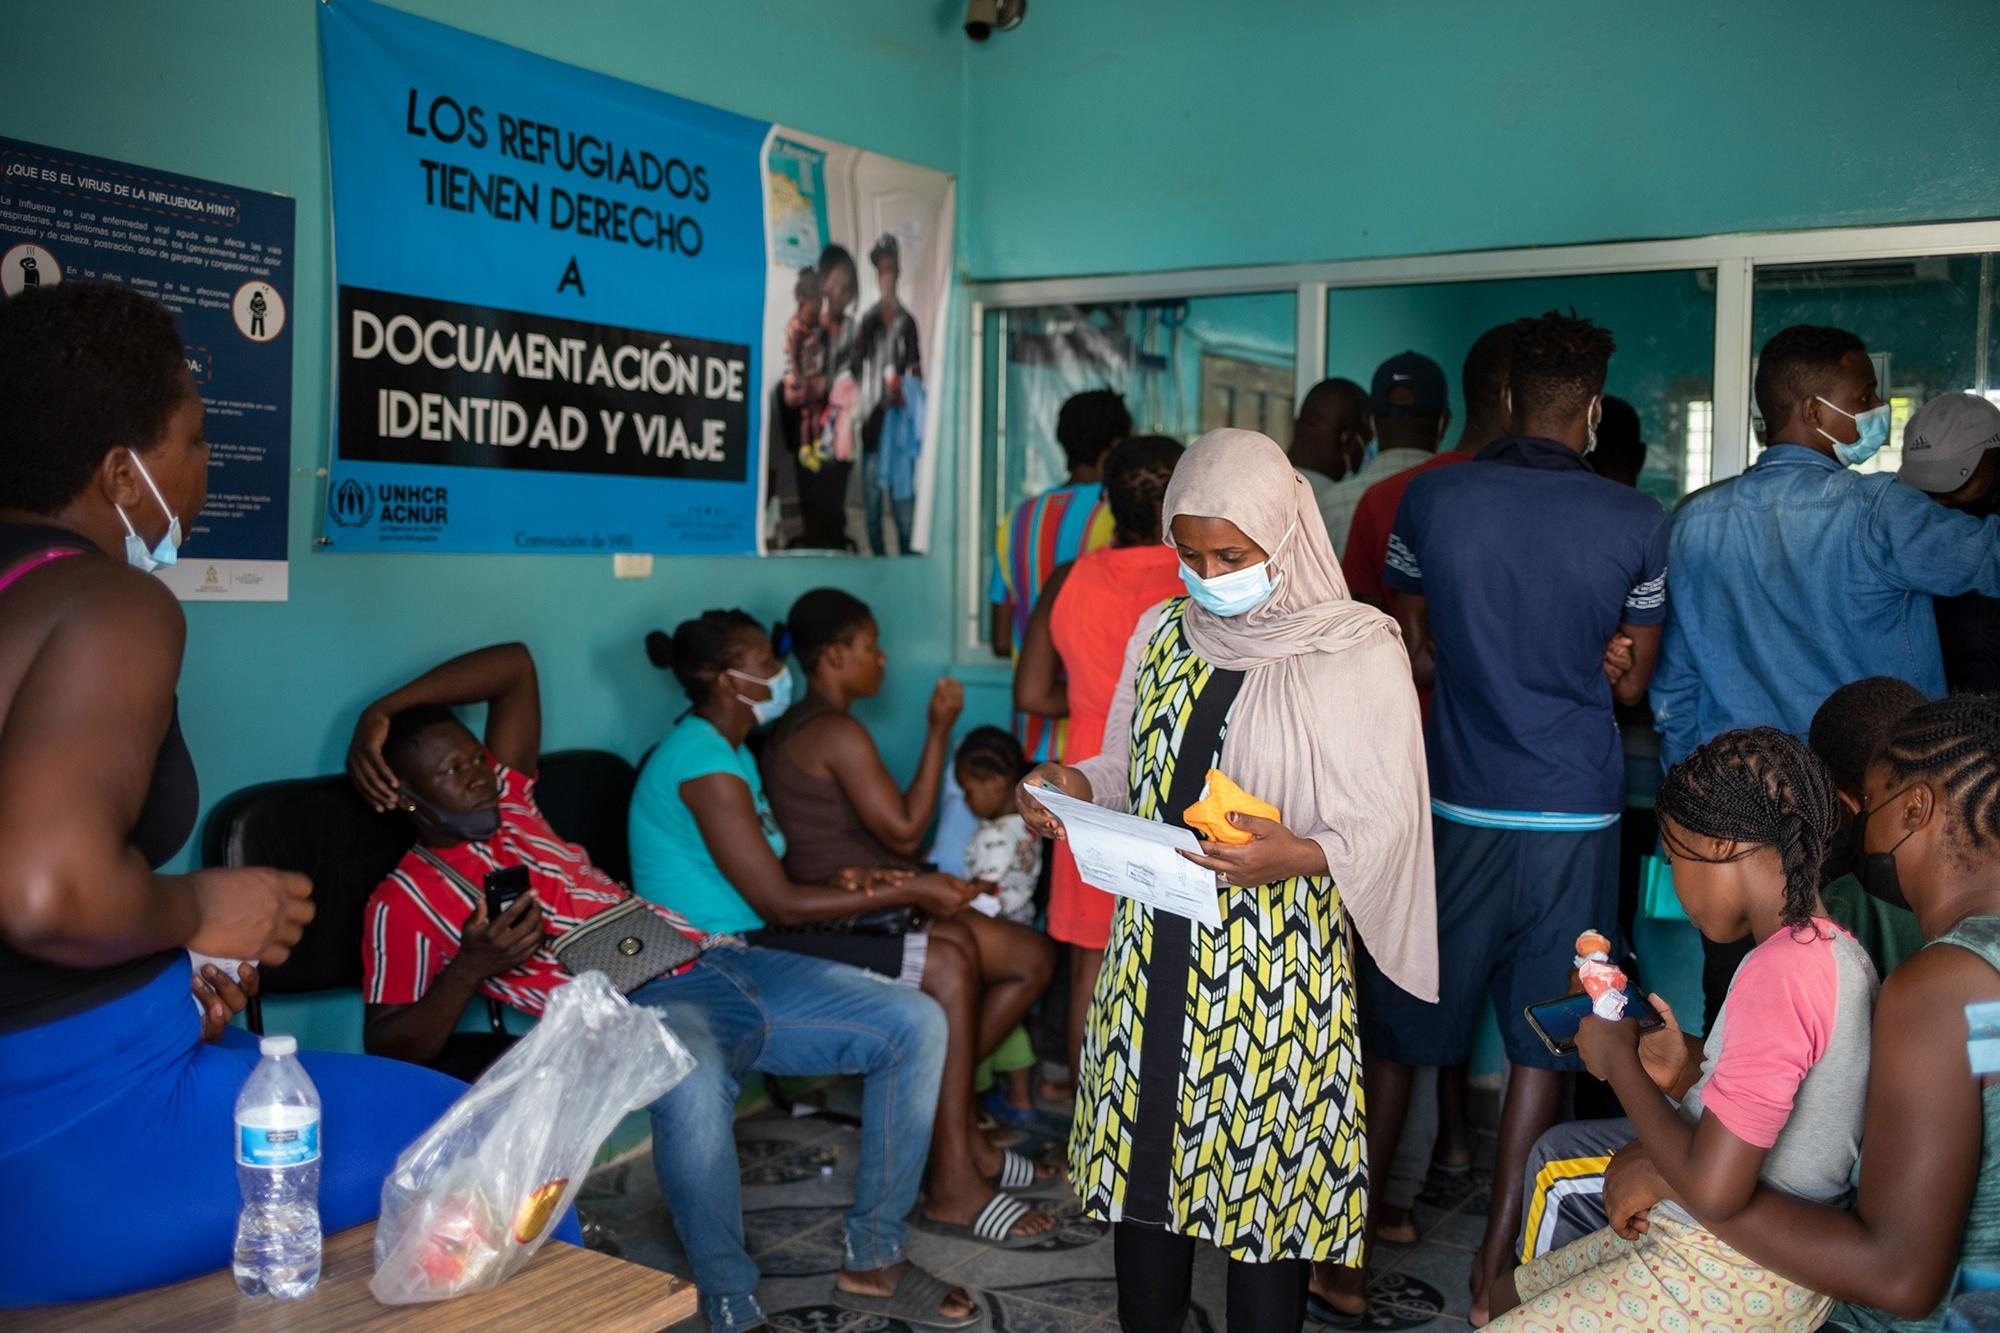 Durante varios días la oficina de control migratorio en el municipio de Trójes estuvo llena de migrantes haitianos que no habían podido avanzar, debido a la multa impuesta por el Instituto Nacional de Migración, debido al ingreso por puntos ciegos al país de los migrantes haitianos. Trójes, El Paraíso, 21 de abril de 2021. Foto: Martín Cálix.